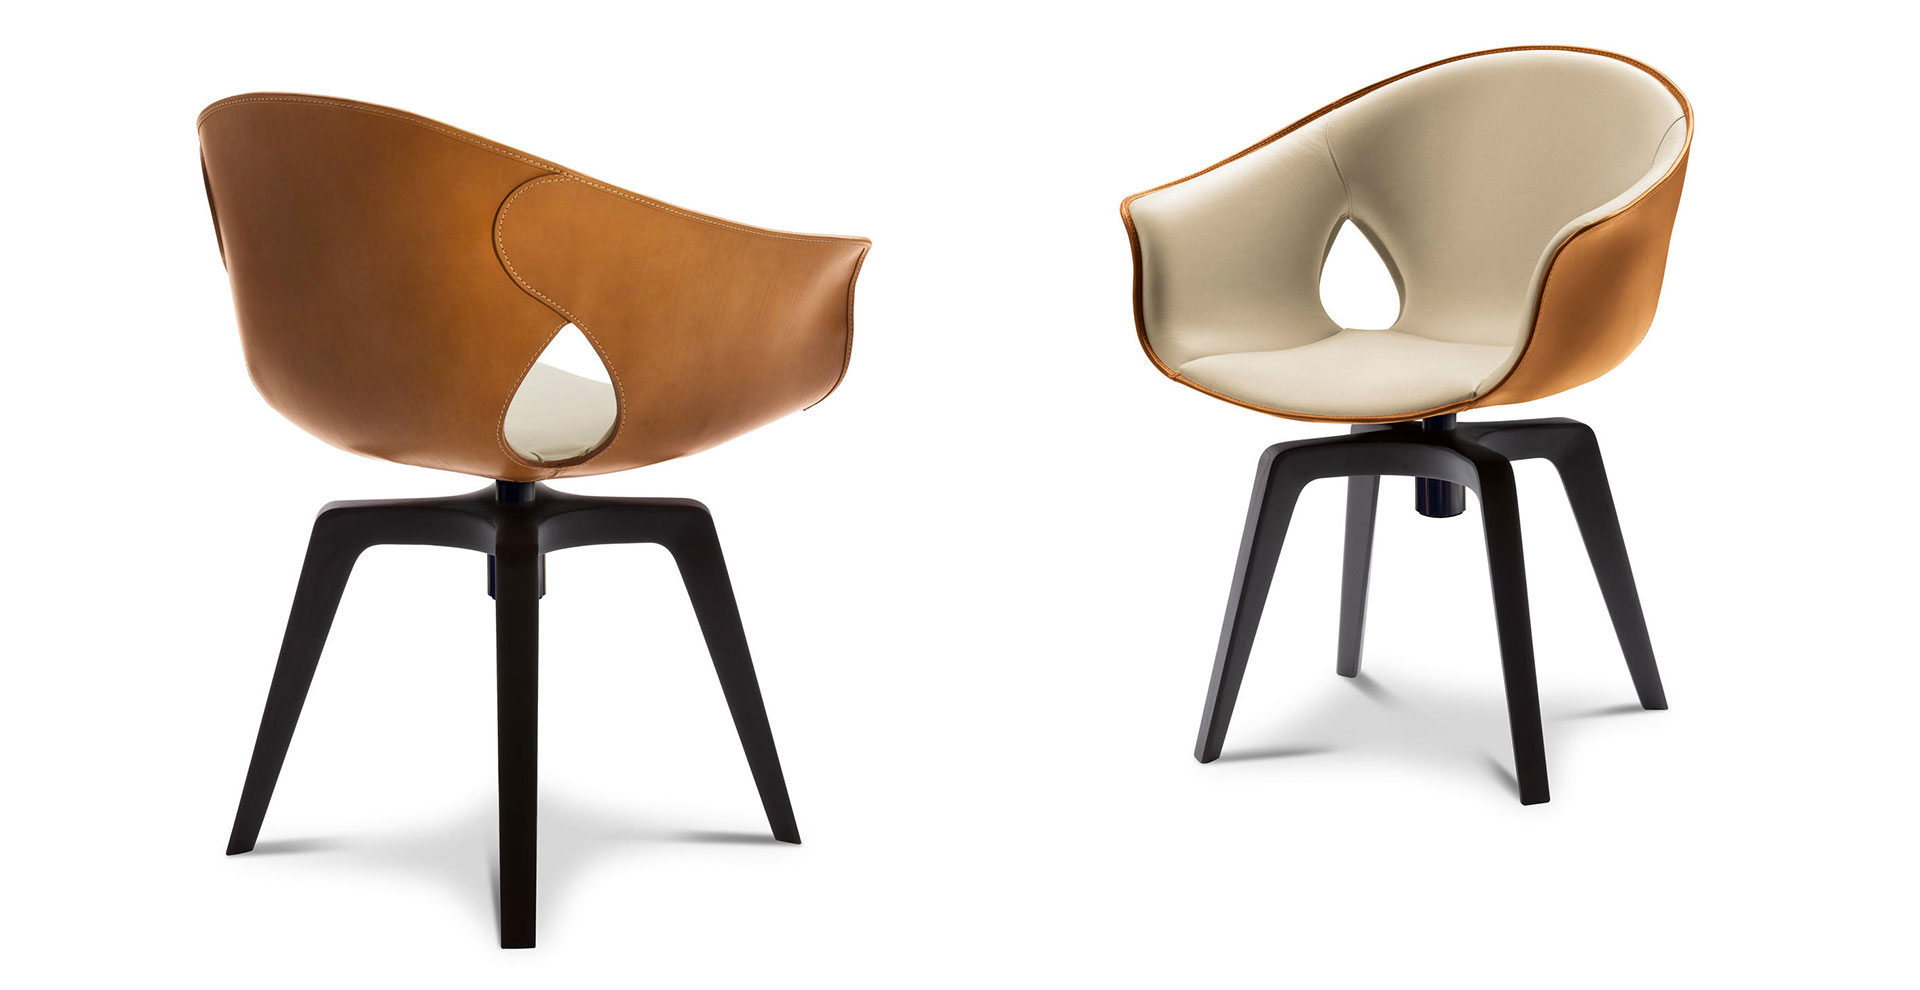 Ginger Poltrona Frau - chairs ginger poltrona frau